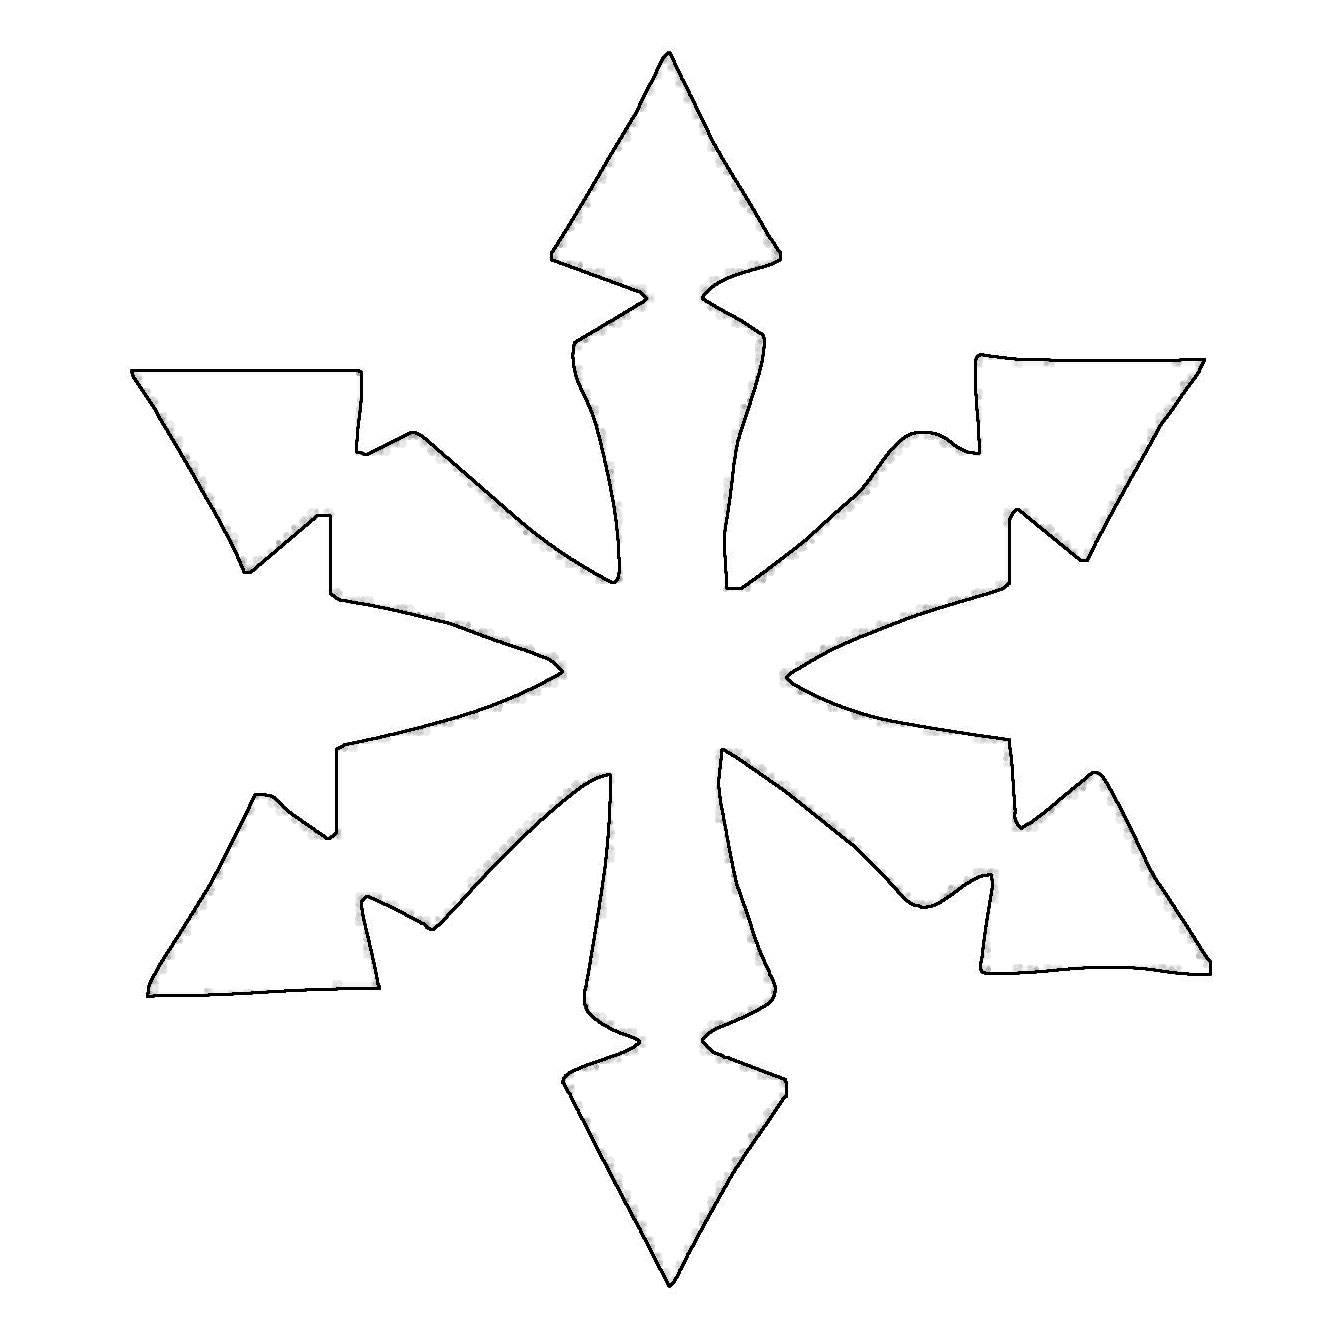 kostenlose malvorlage schneeflocken und sterne: stern 7